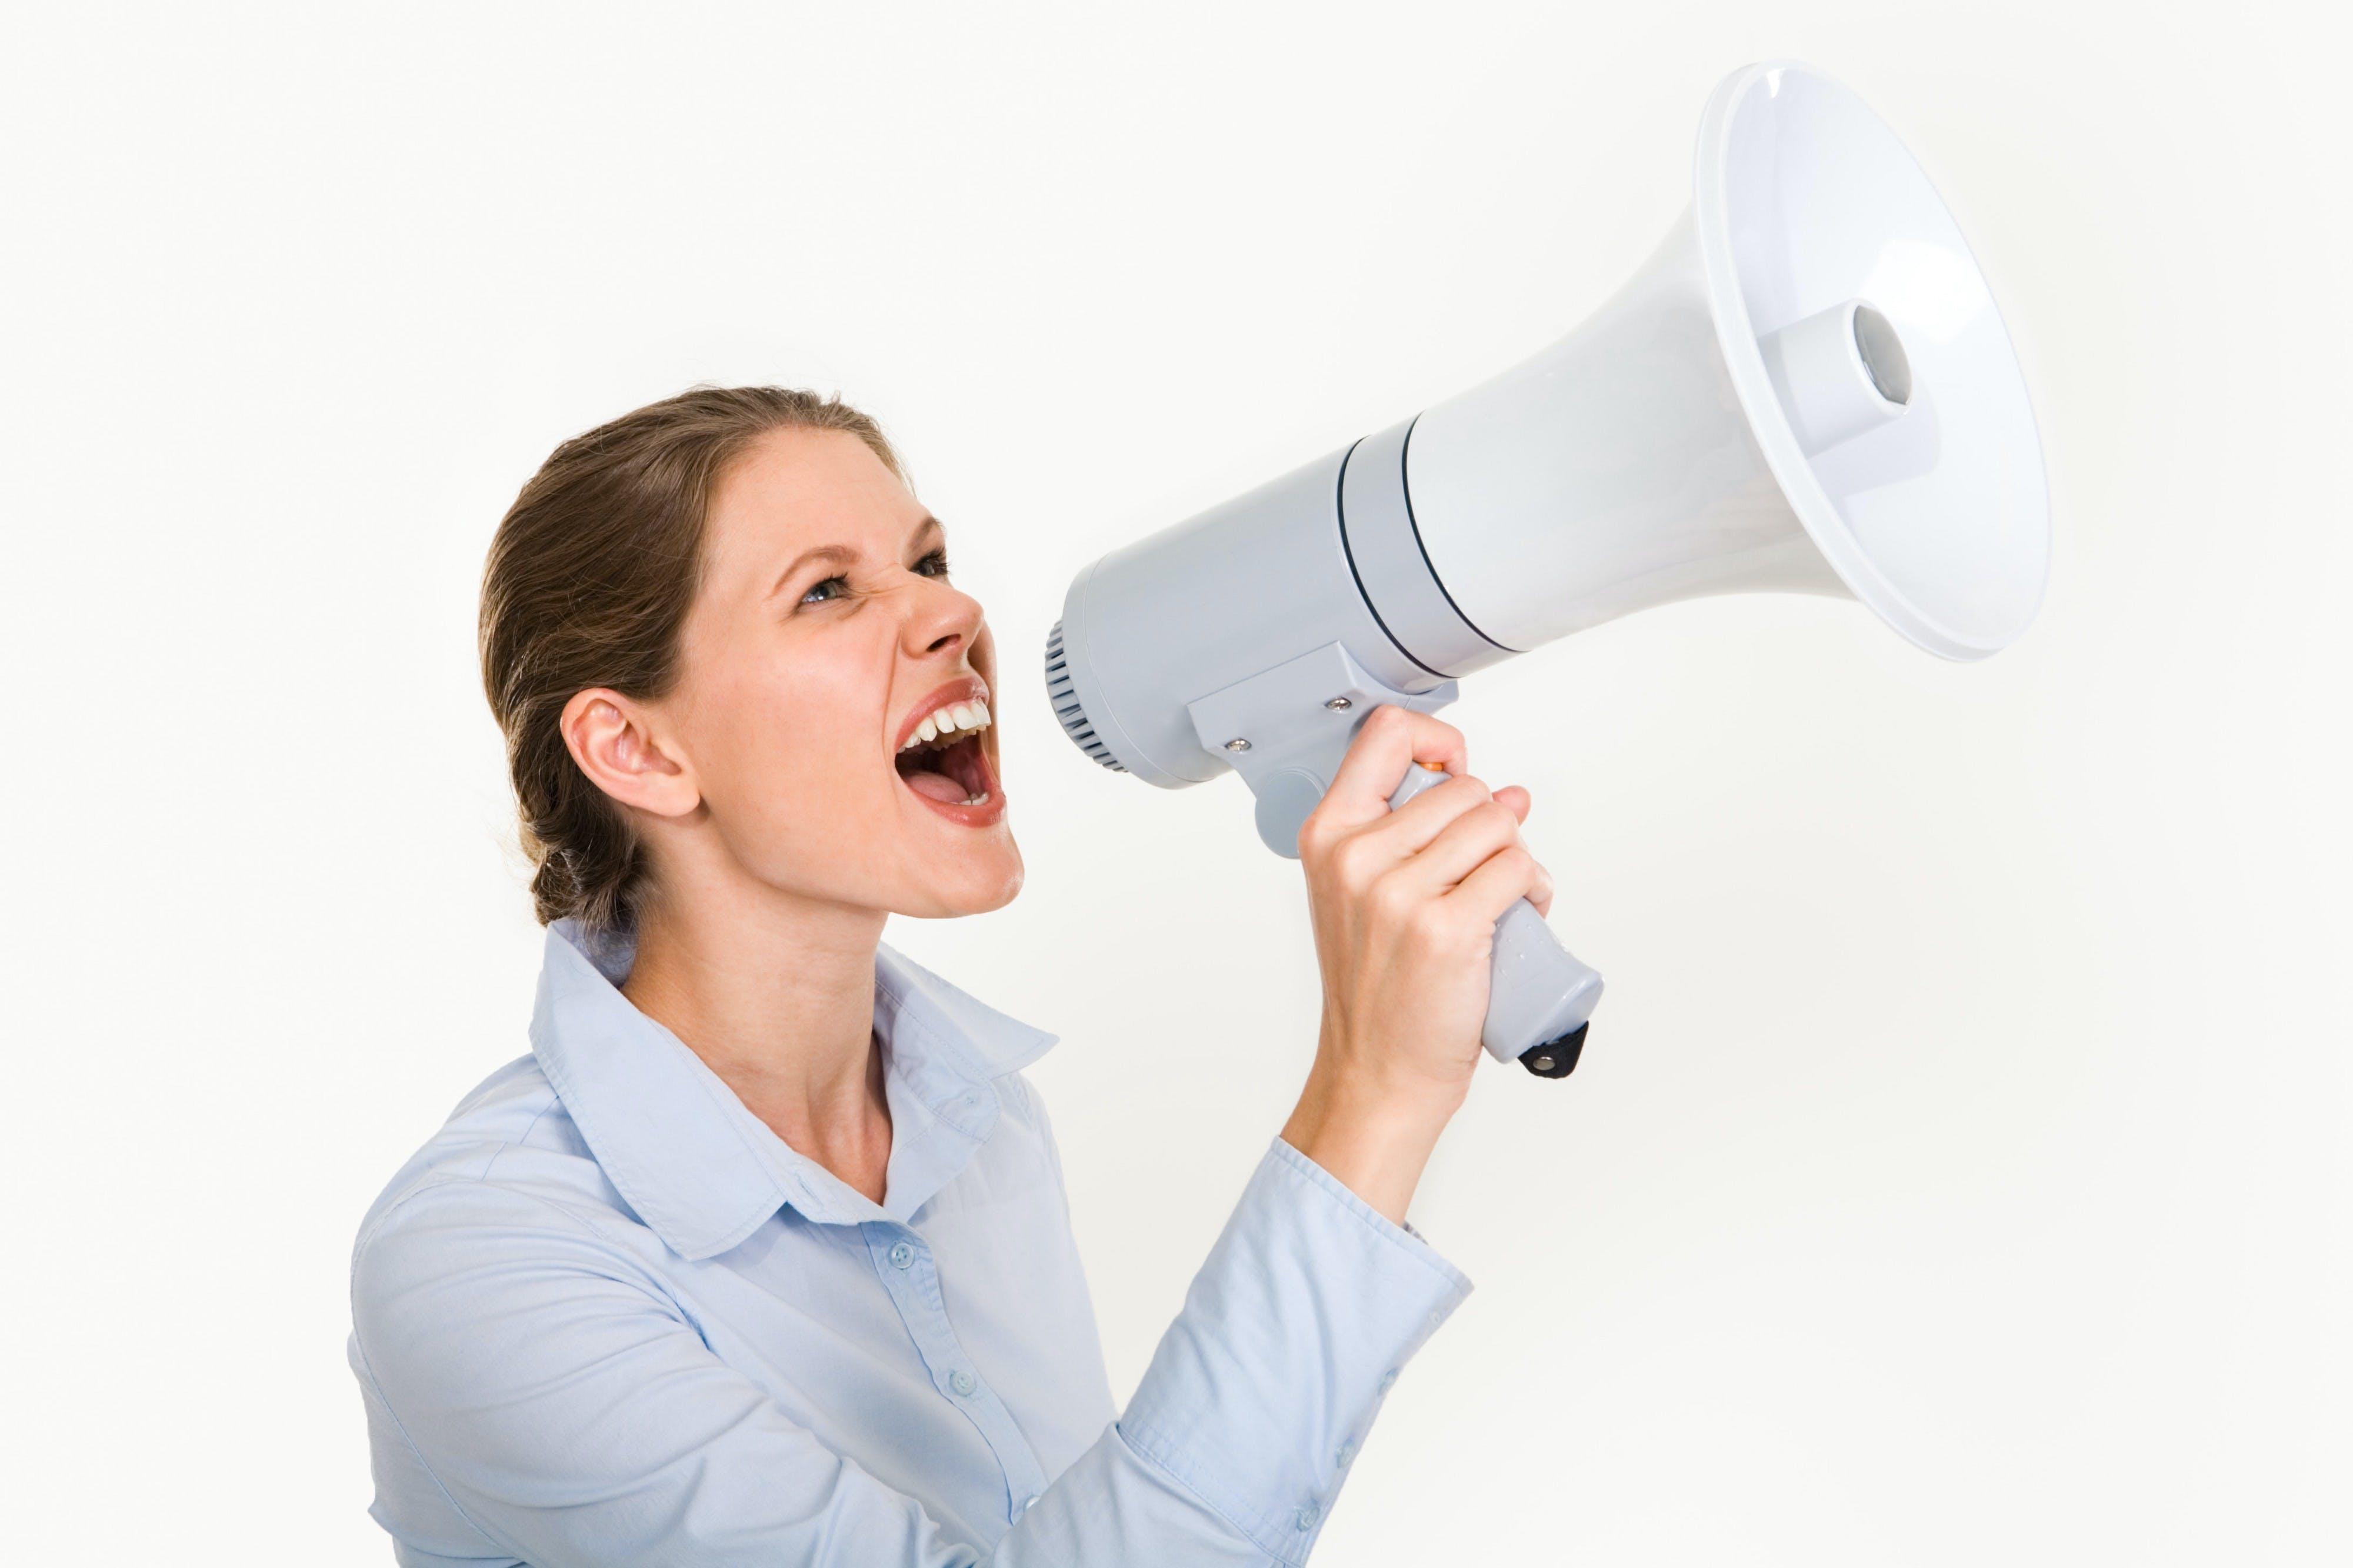 **Yüksek sesle konuşmaktan /bağırmaktan kesinlikle kaçınmalıyız**